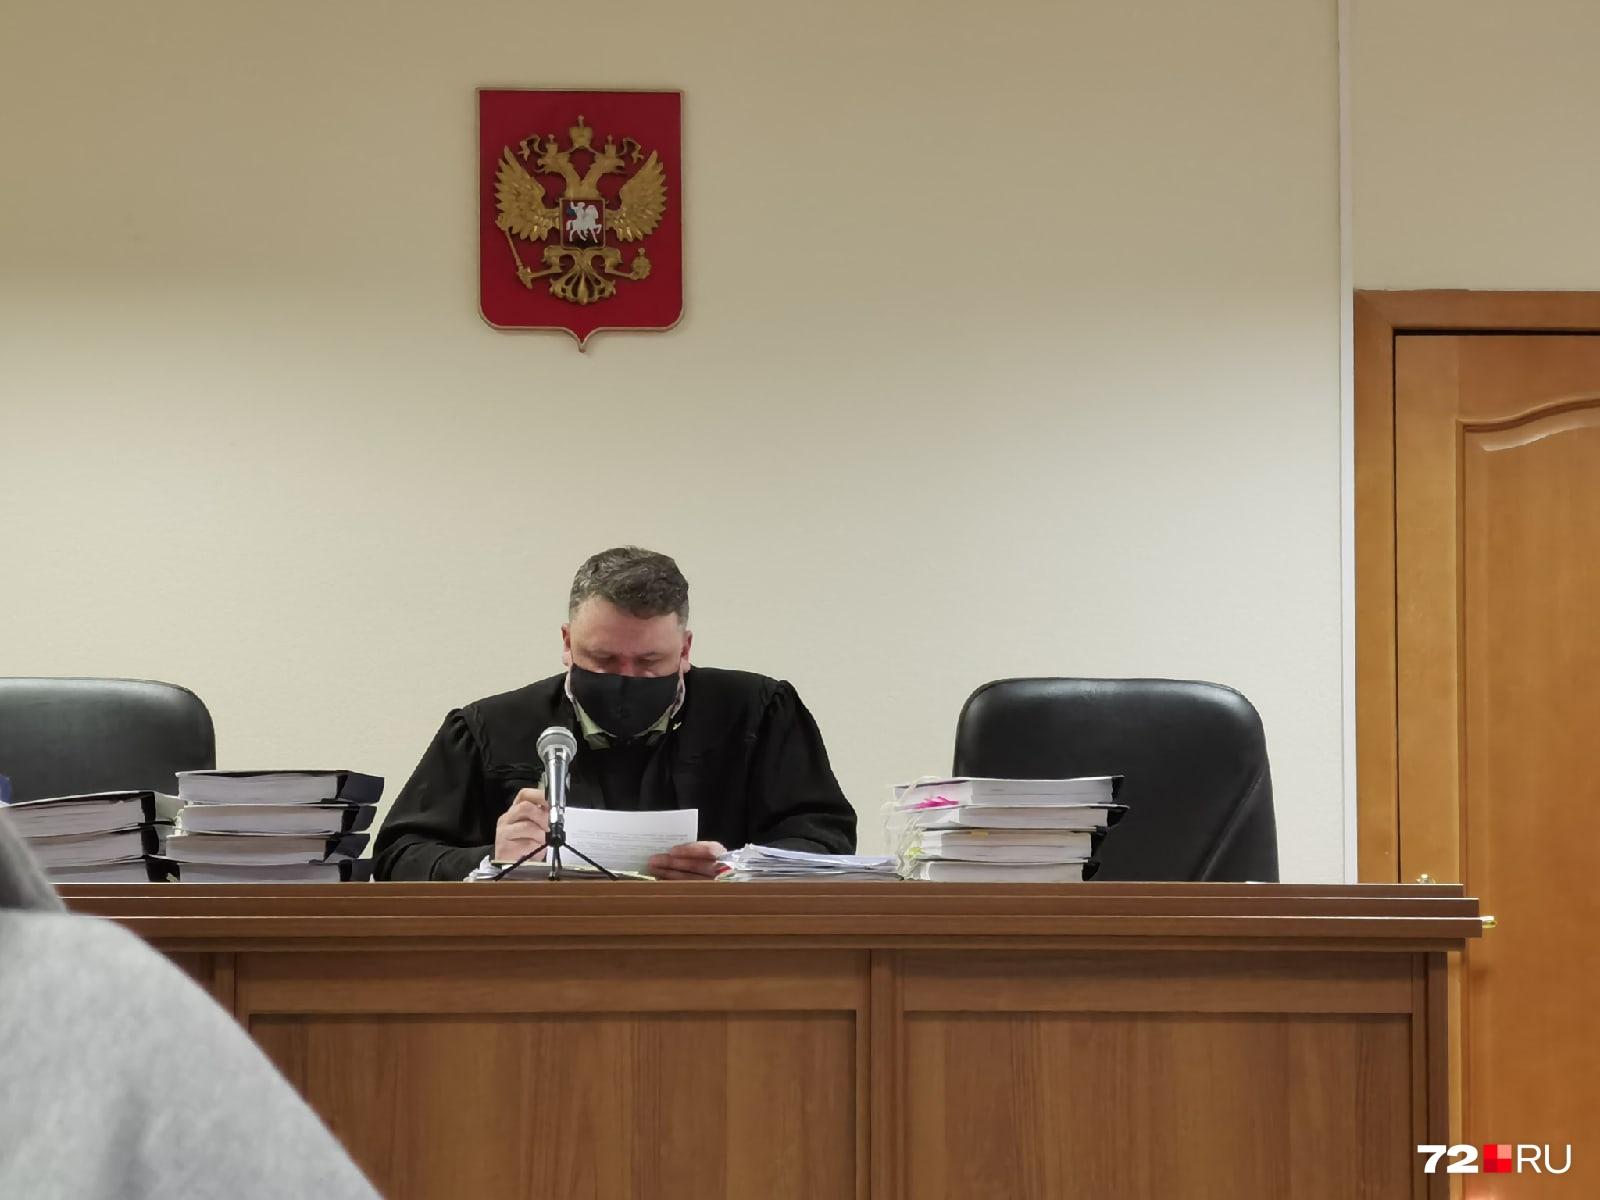 Дело ведет судья Антон Антонов